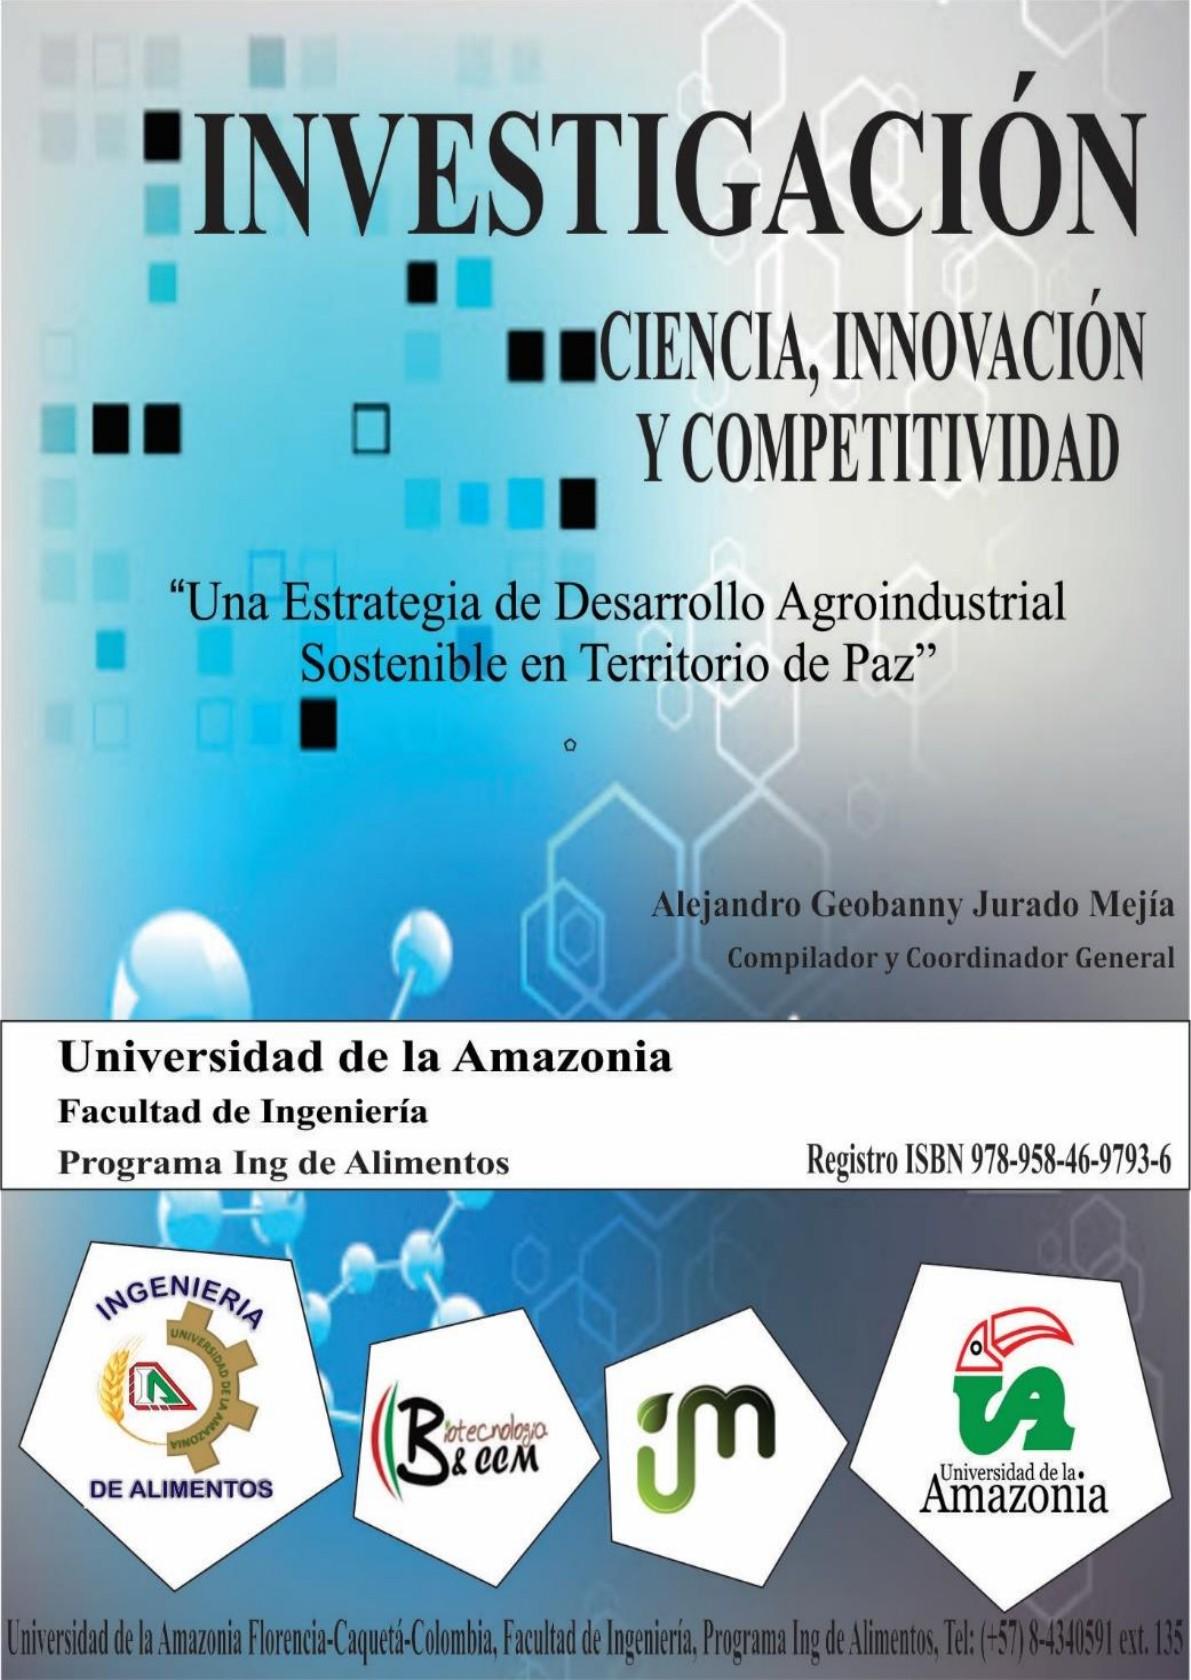 Calendario 2019 Colombia Enero Actual Investigacin Ciencia Innovacin Y Petitividad